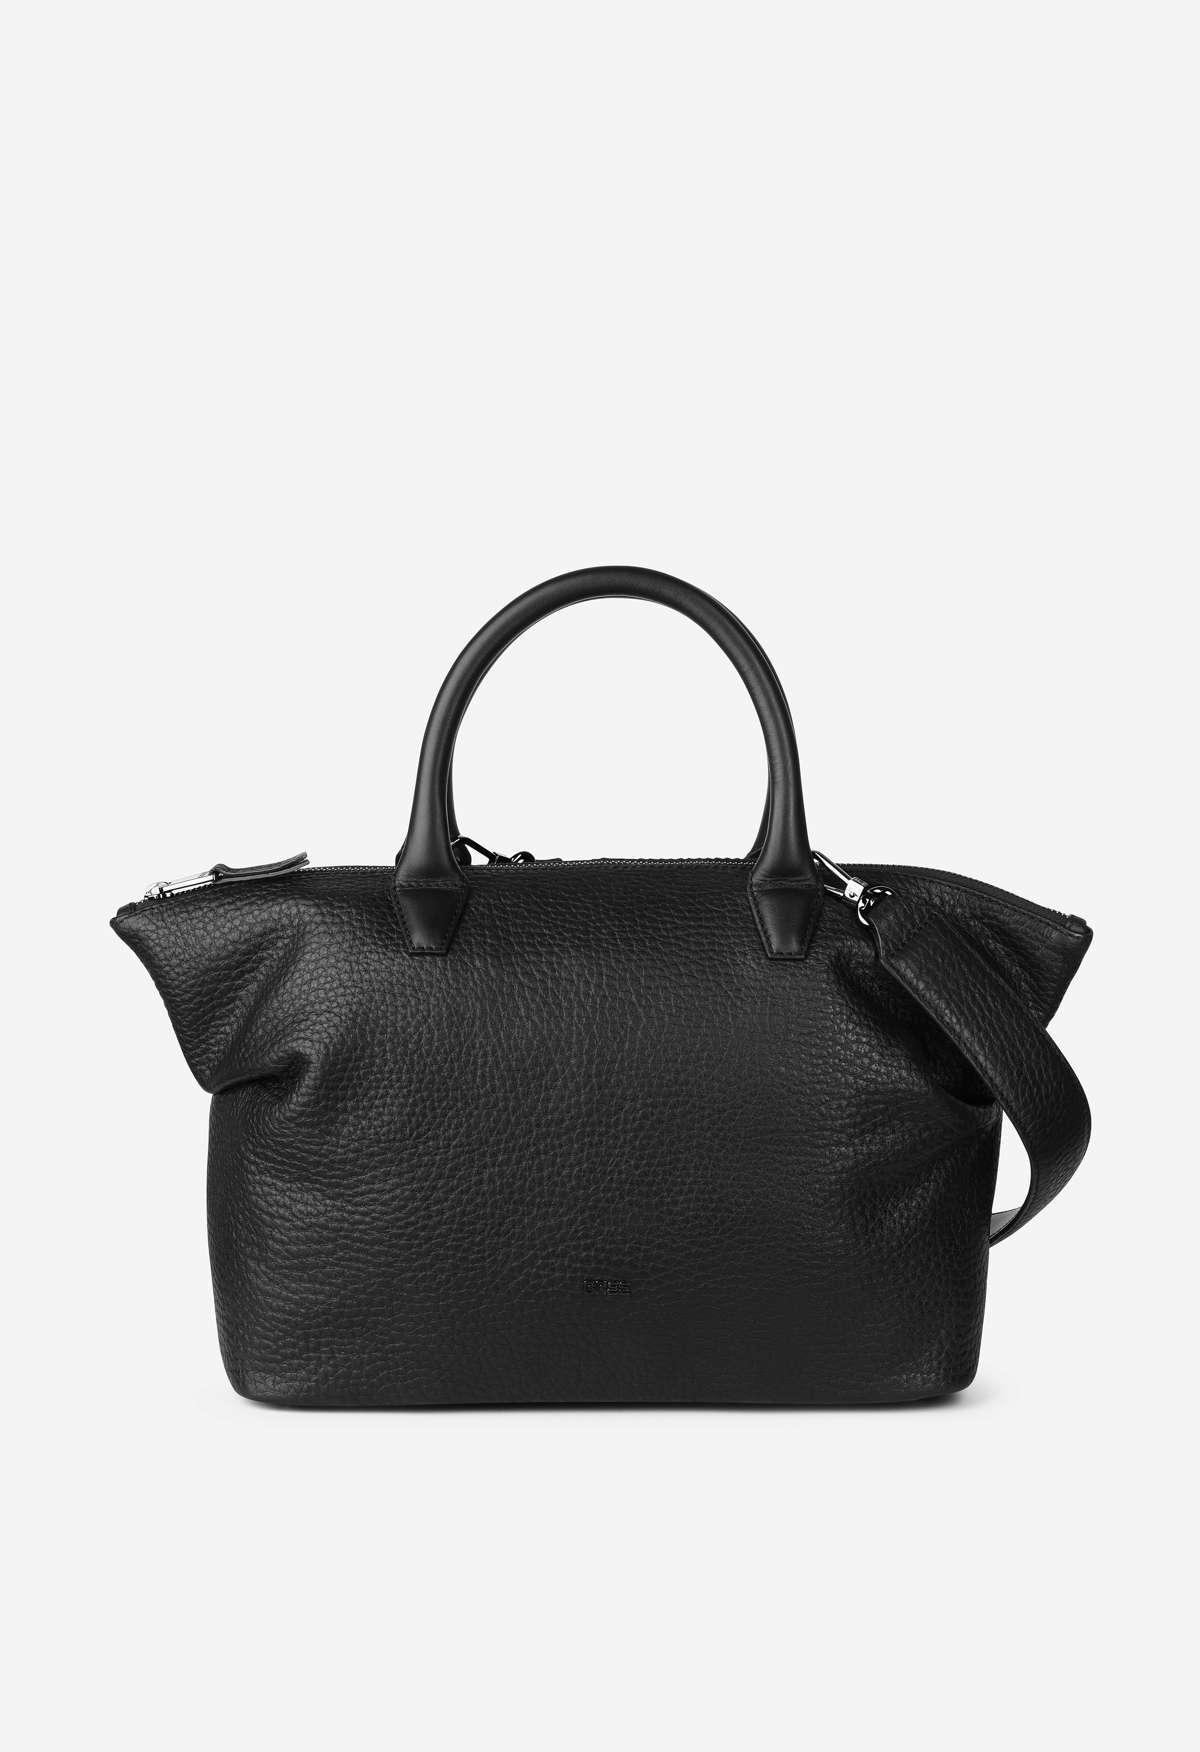 12e0a0677f92c BREE Icon Bag M Handtasche - stylekrone.com